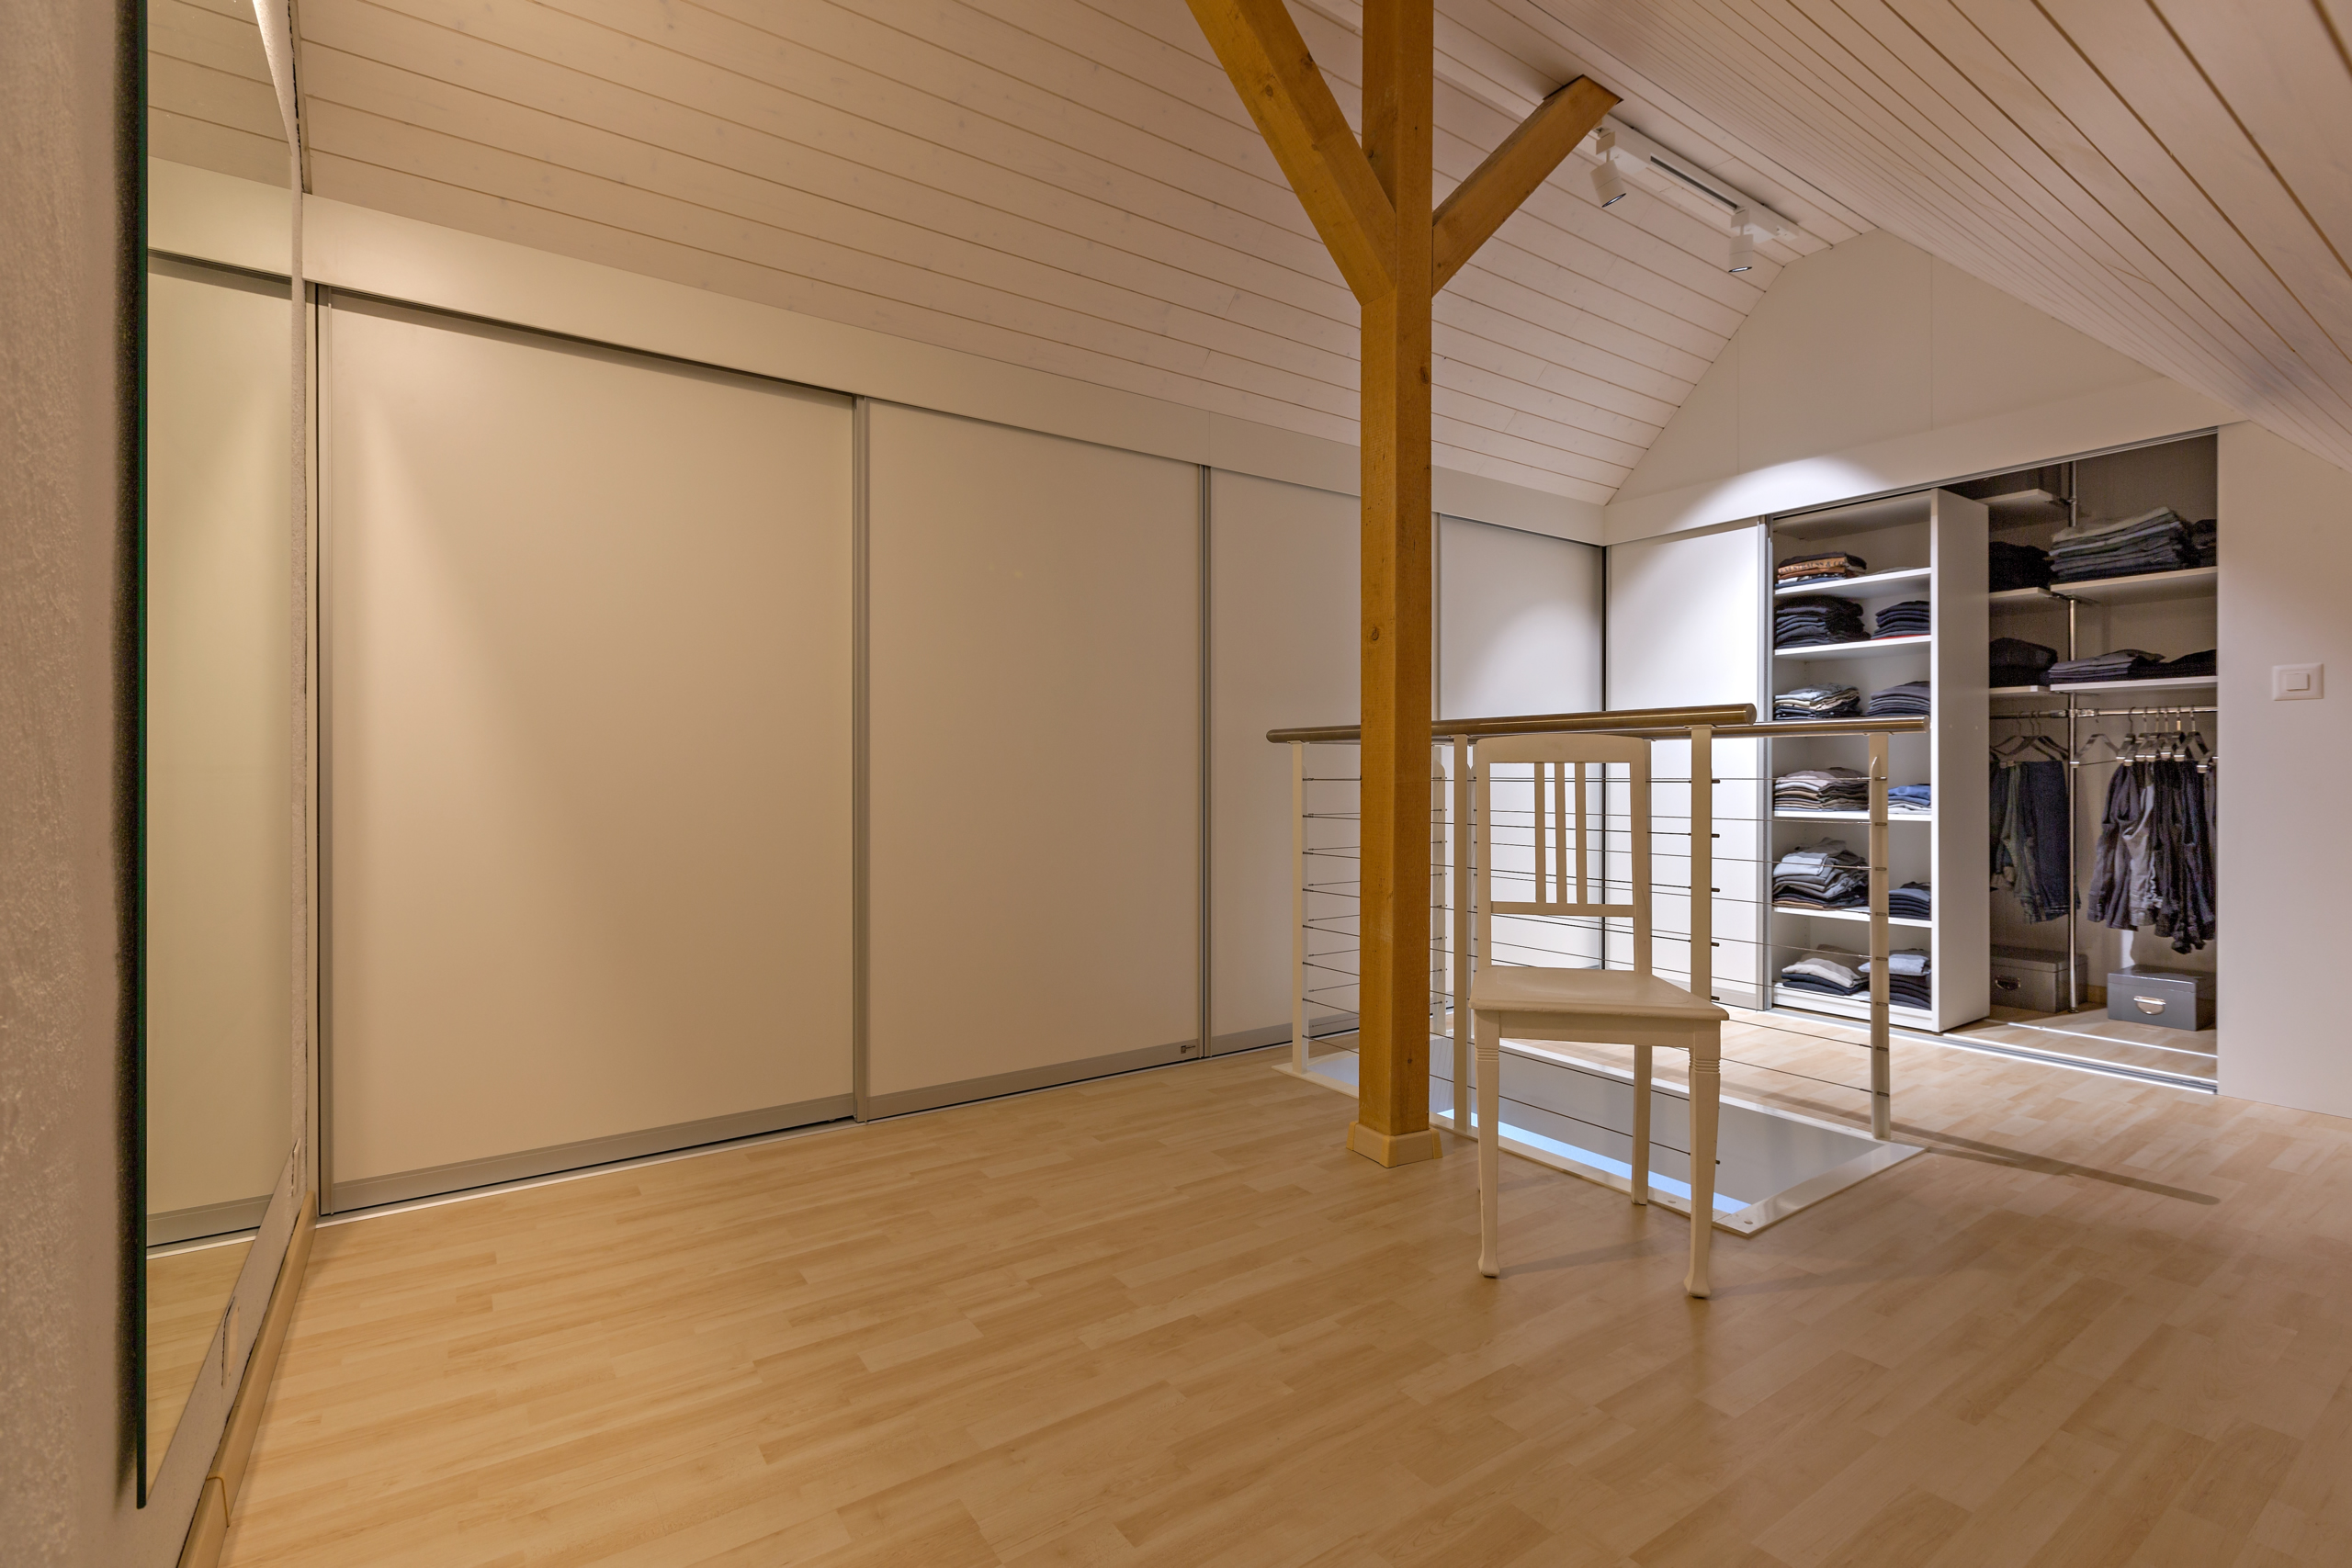 schrank in der dachschr ge nach mass dachschr genschrank hinten abfallend und ber die ecke in. Black Bedroom Furniture Sets. Home Design Ideas